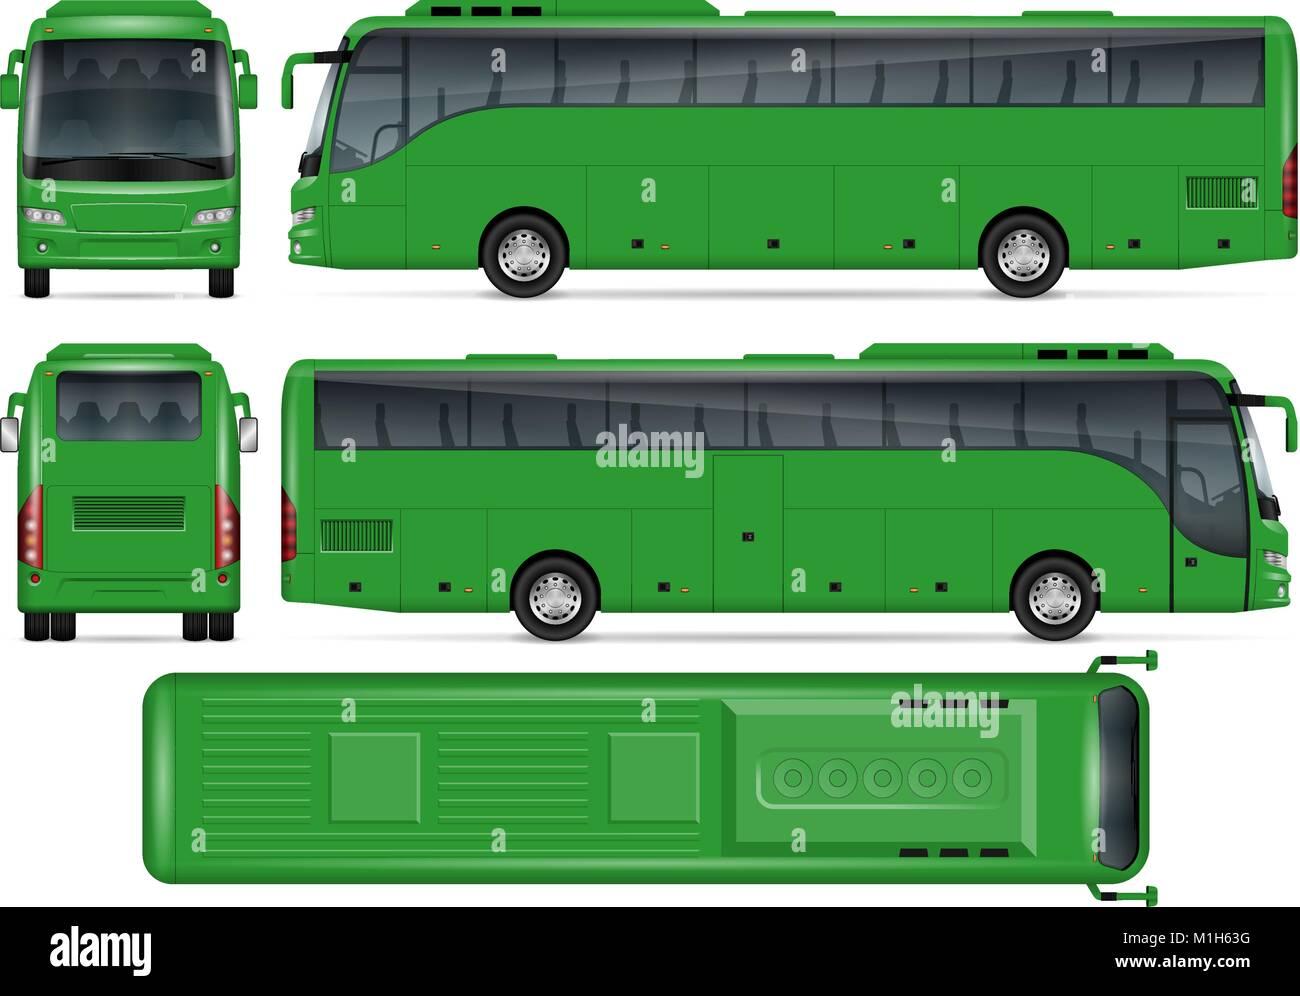 Grünen bus Vektor mock up für Werbung, Corporate Identity. Isolierte ...